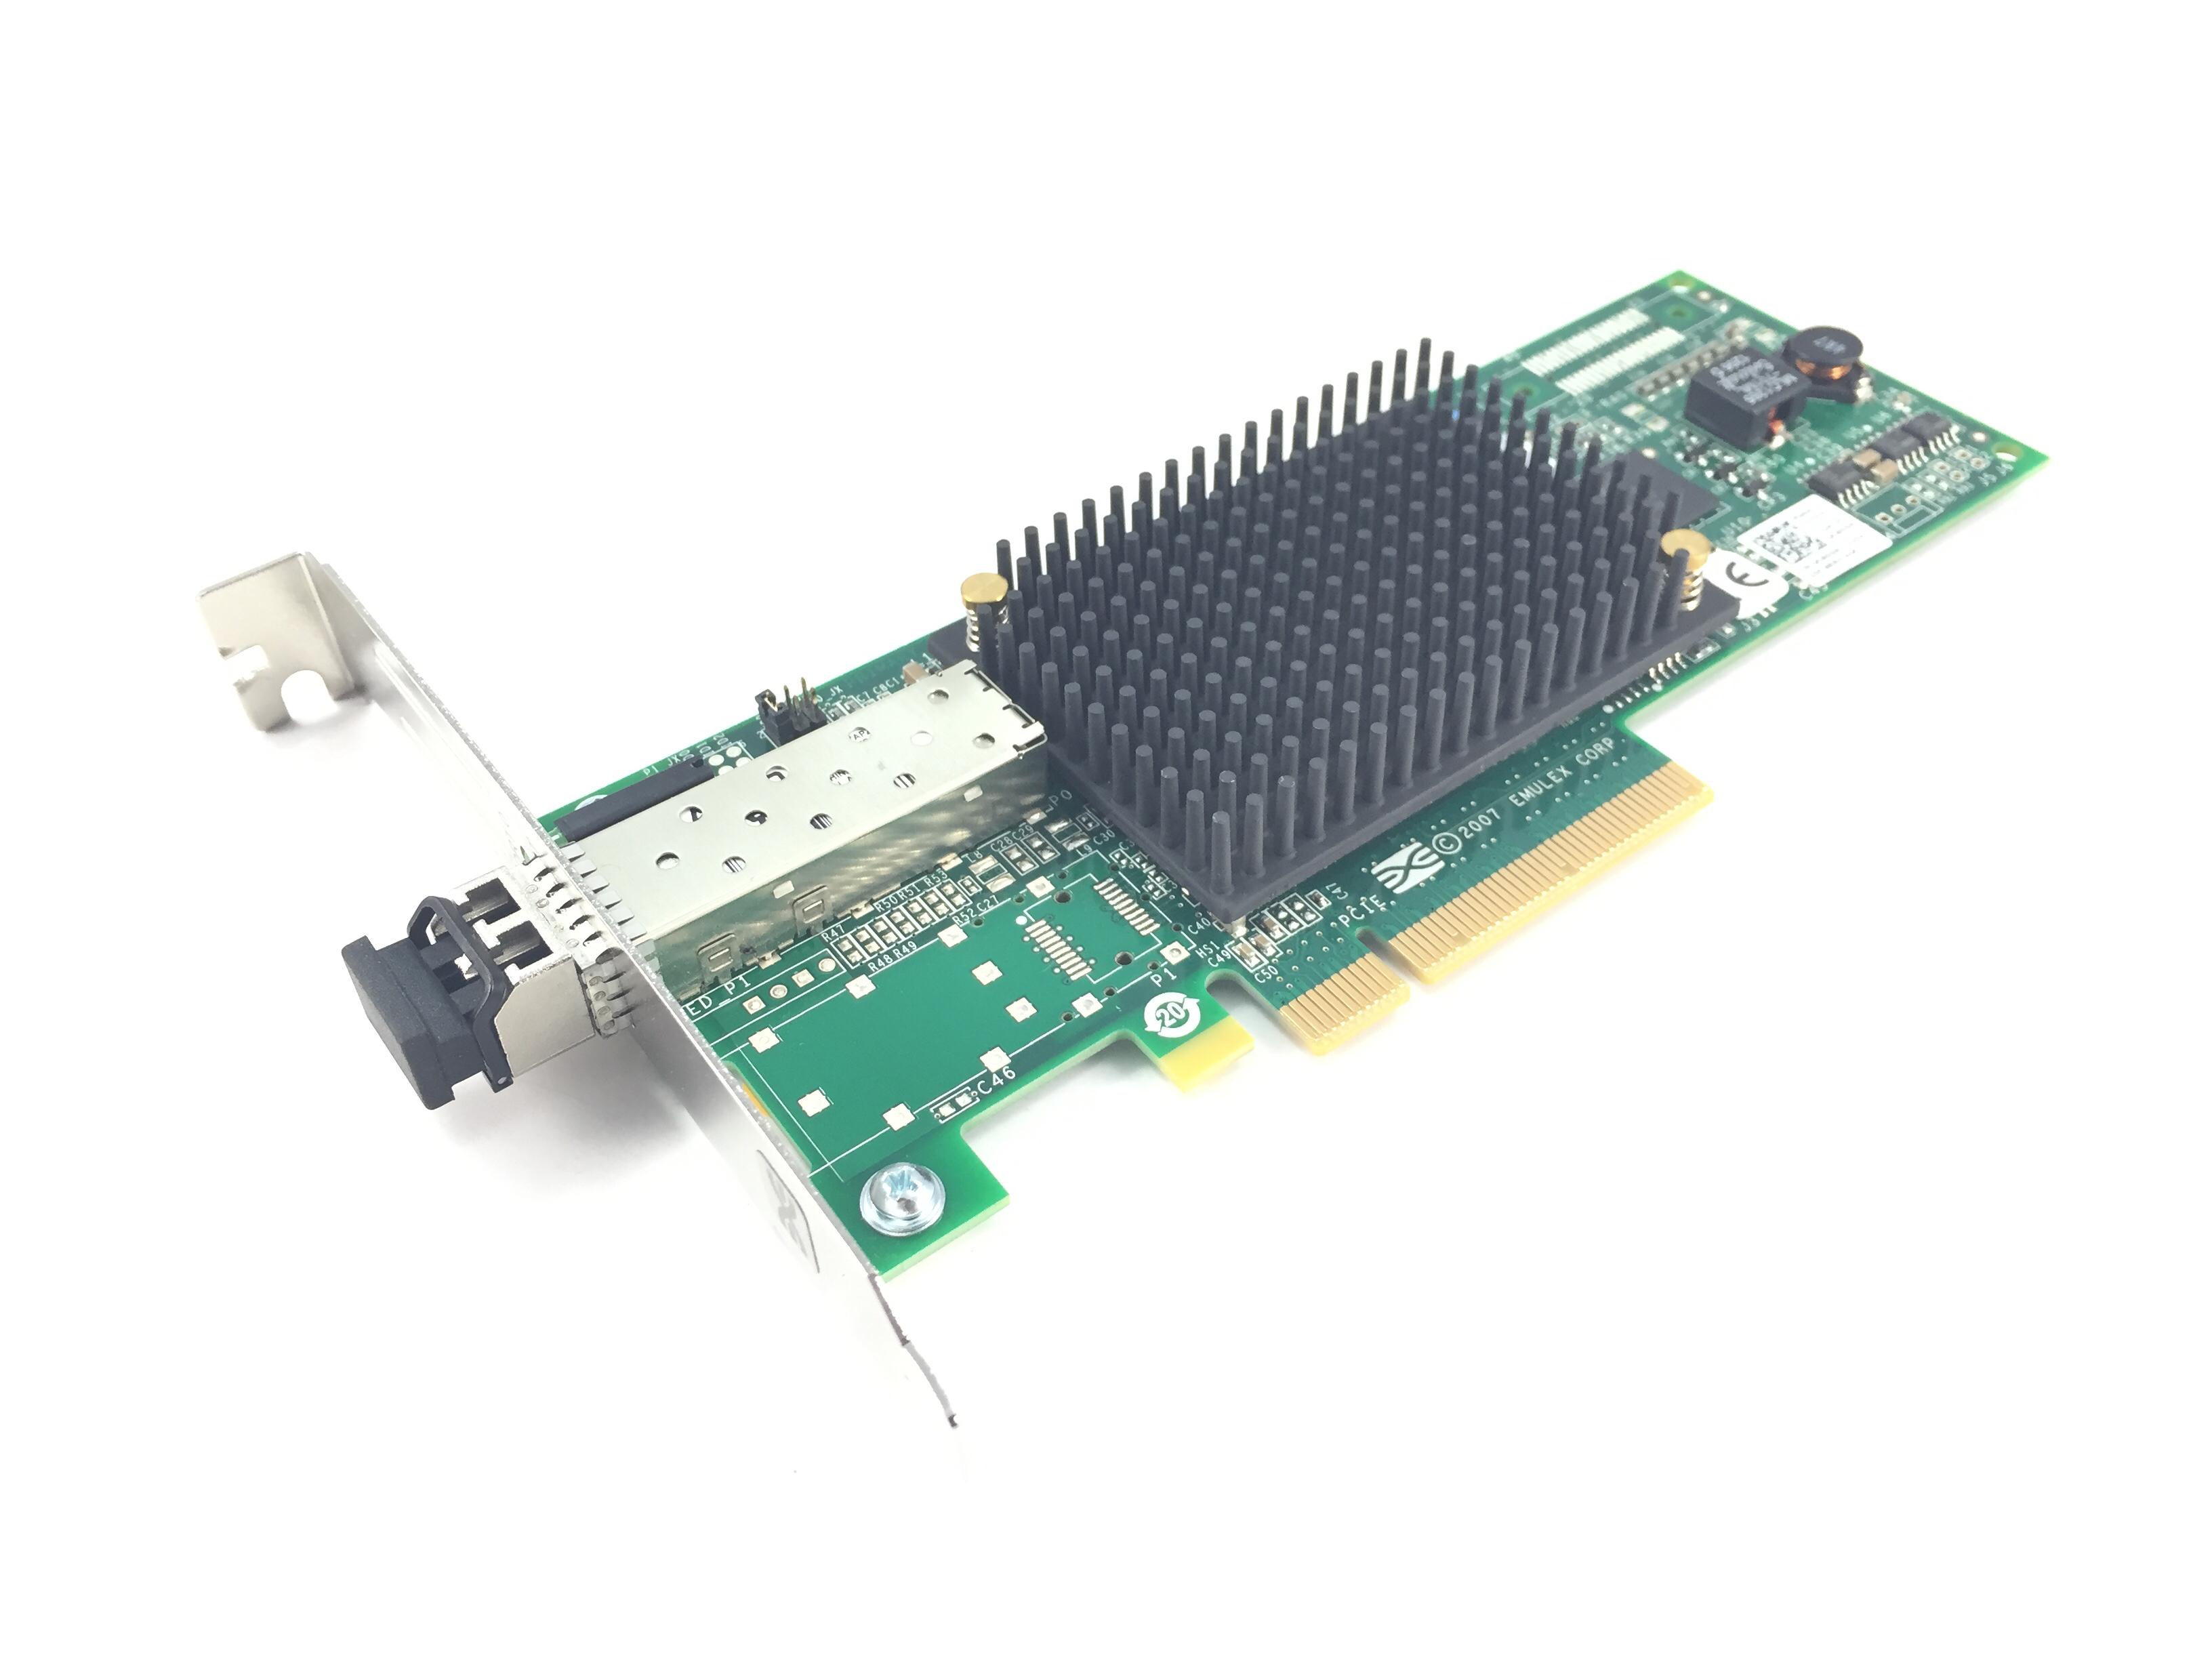 Dell Emulex LPE12000 8GB PCI-E Fibre Channel Host Bus Adapter (C855M)